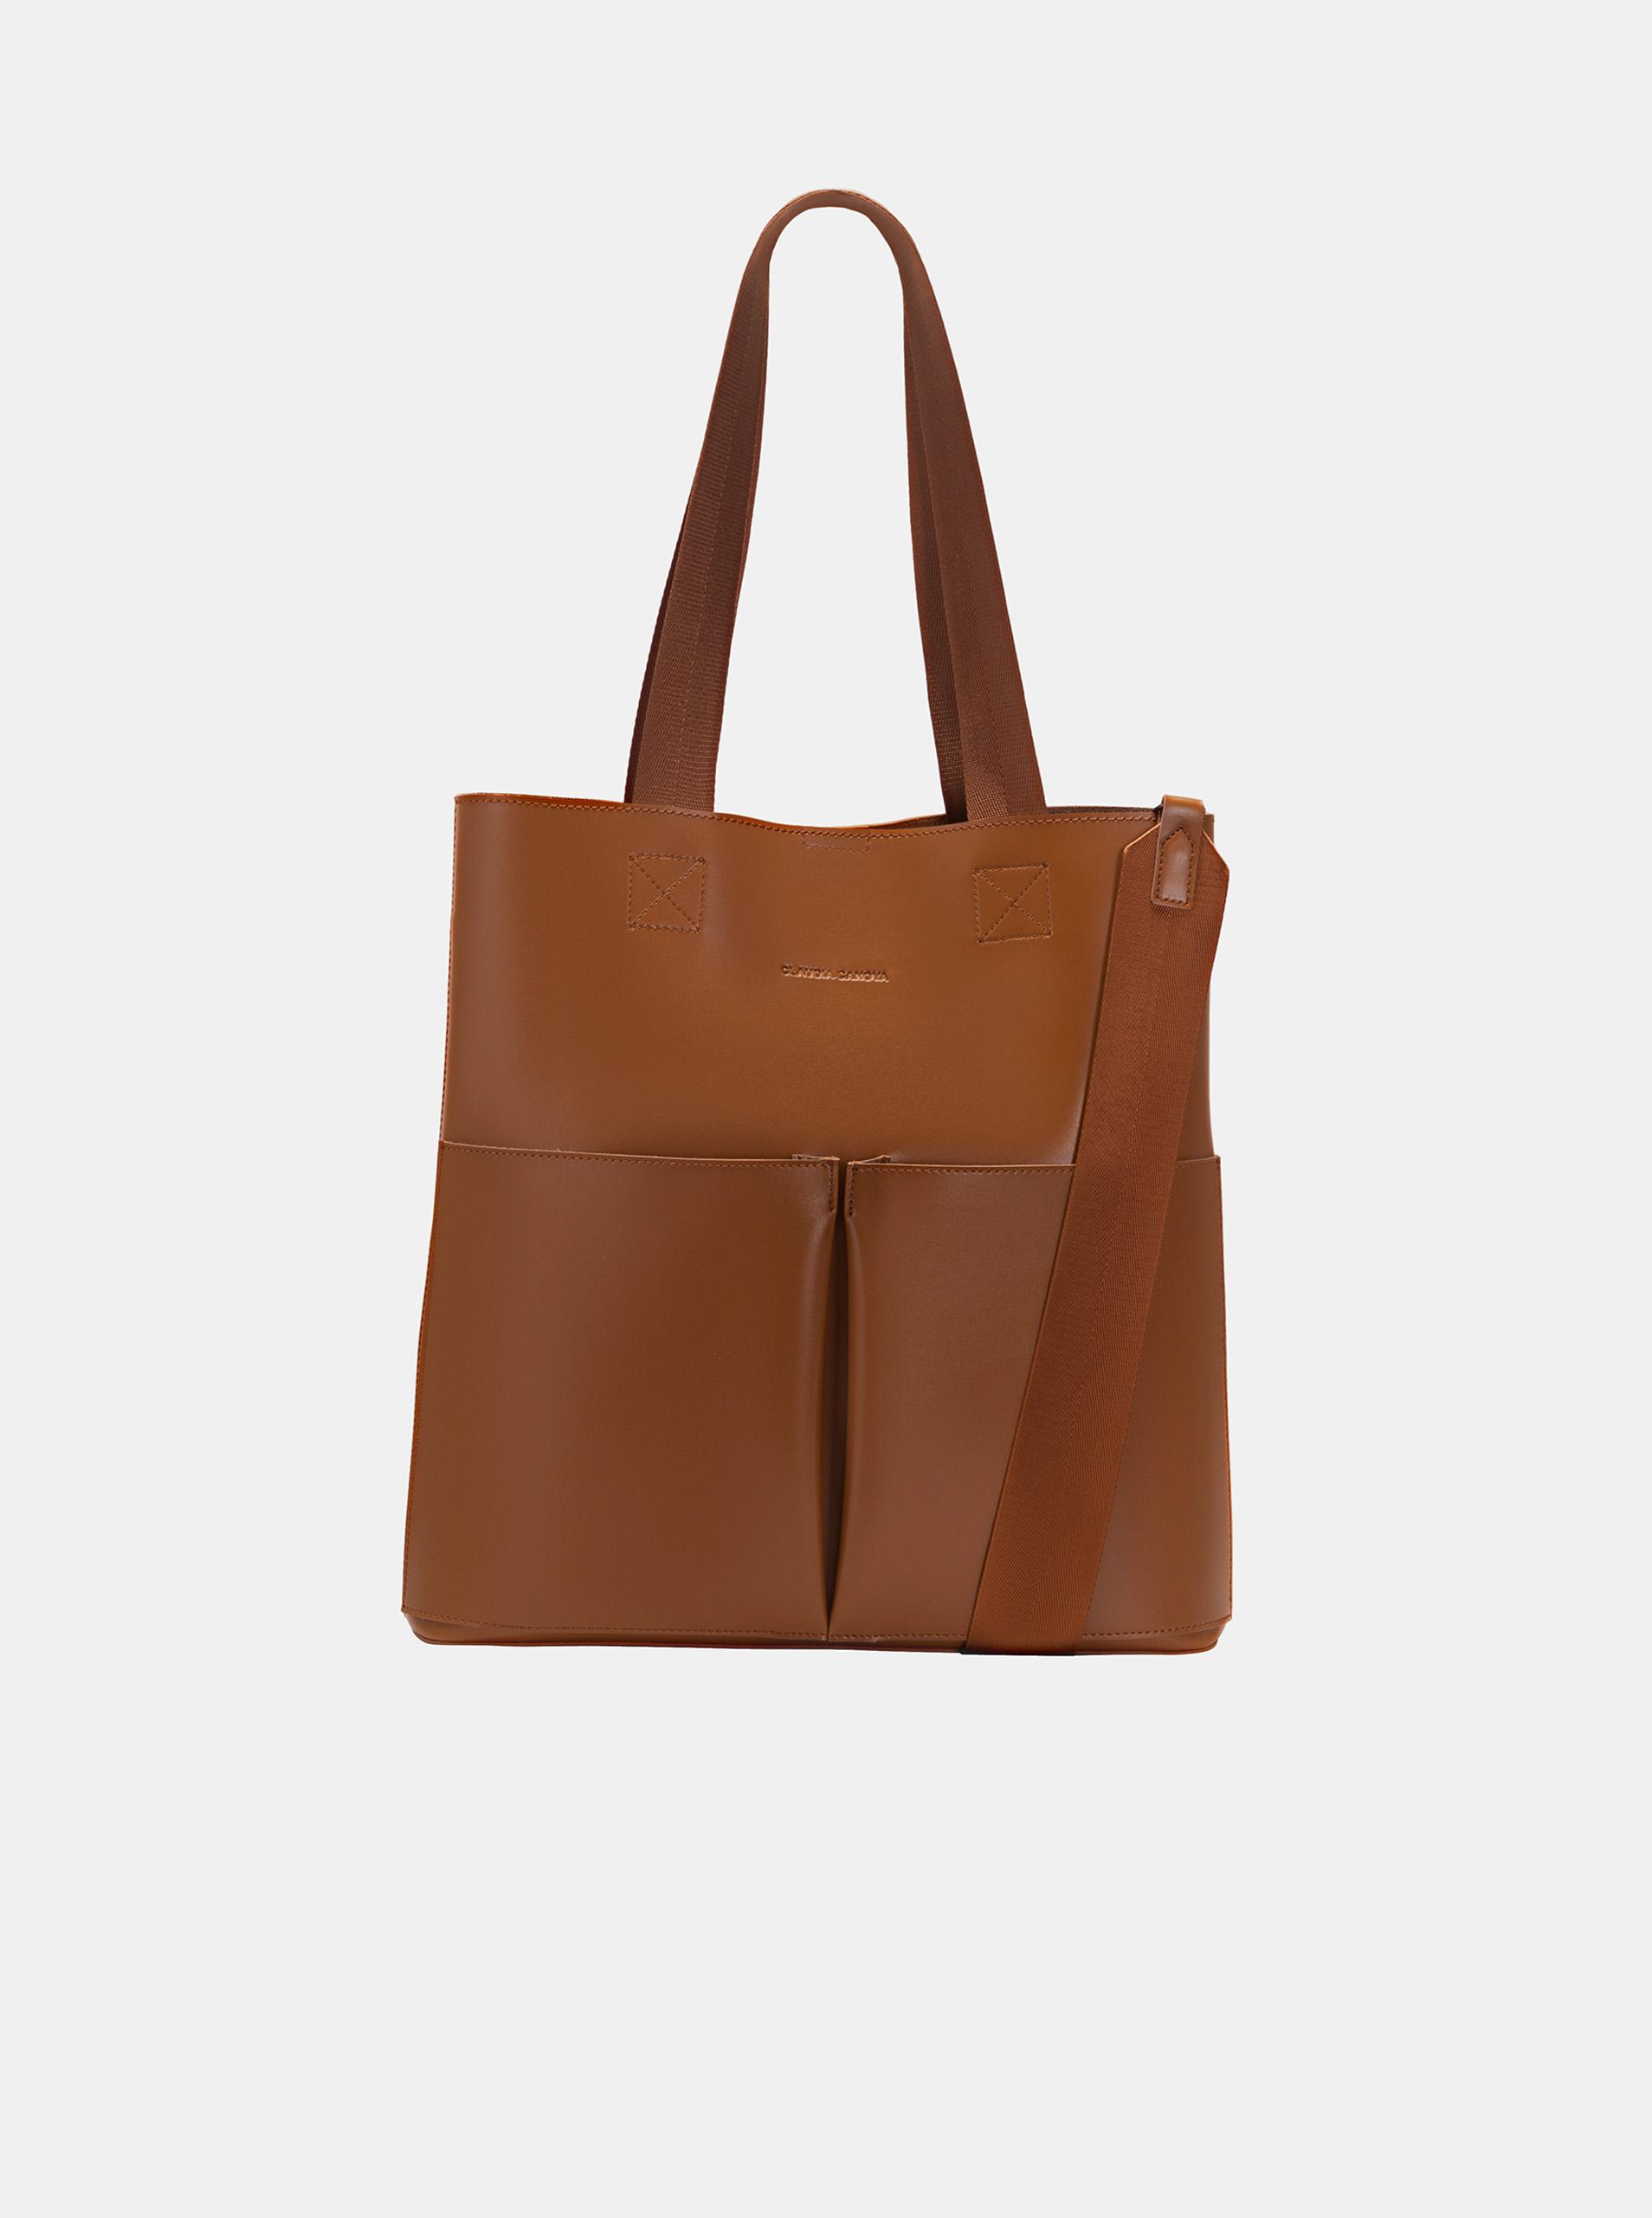 Claudia Canova rjava torbica